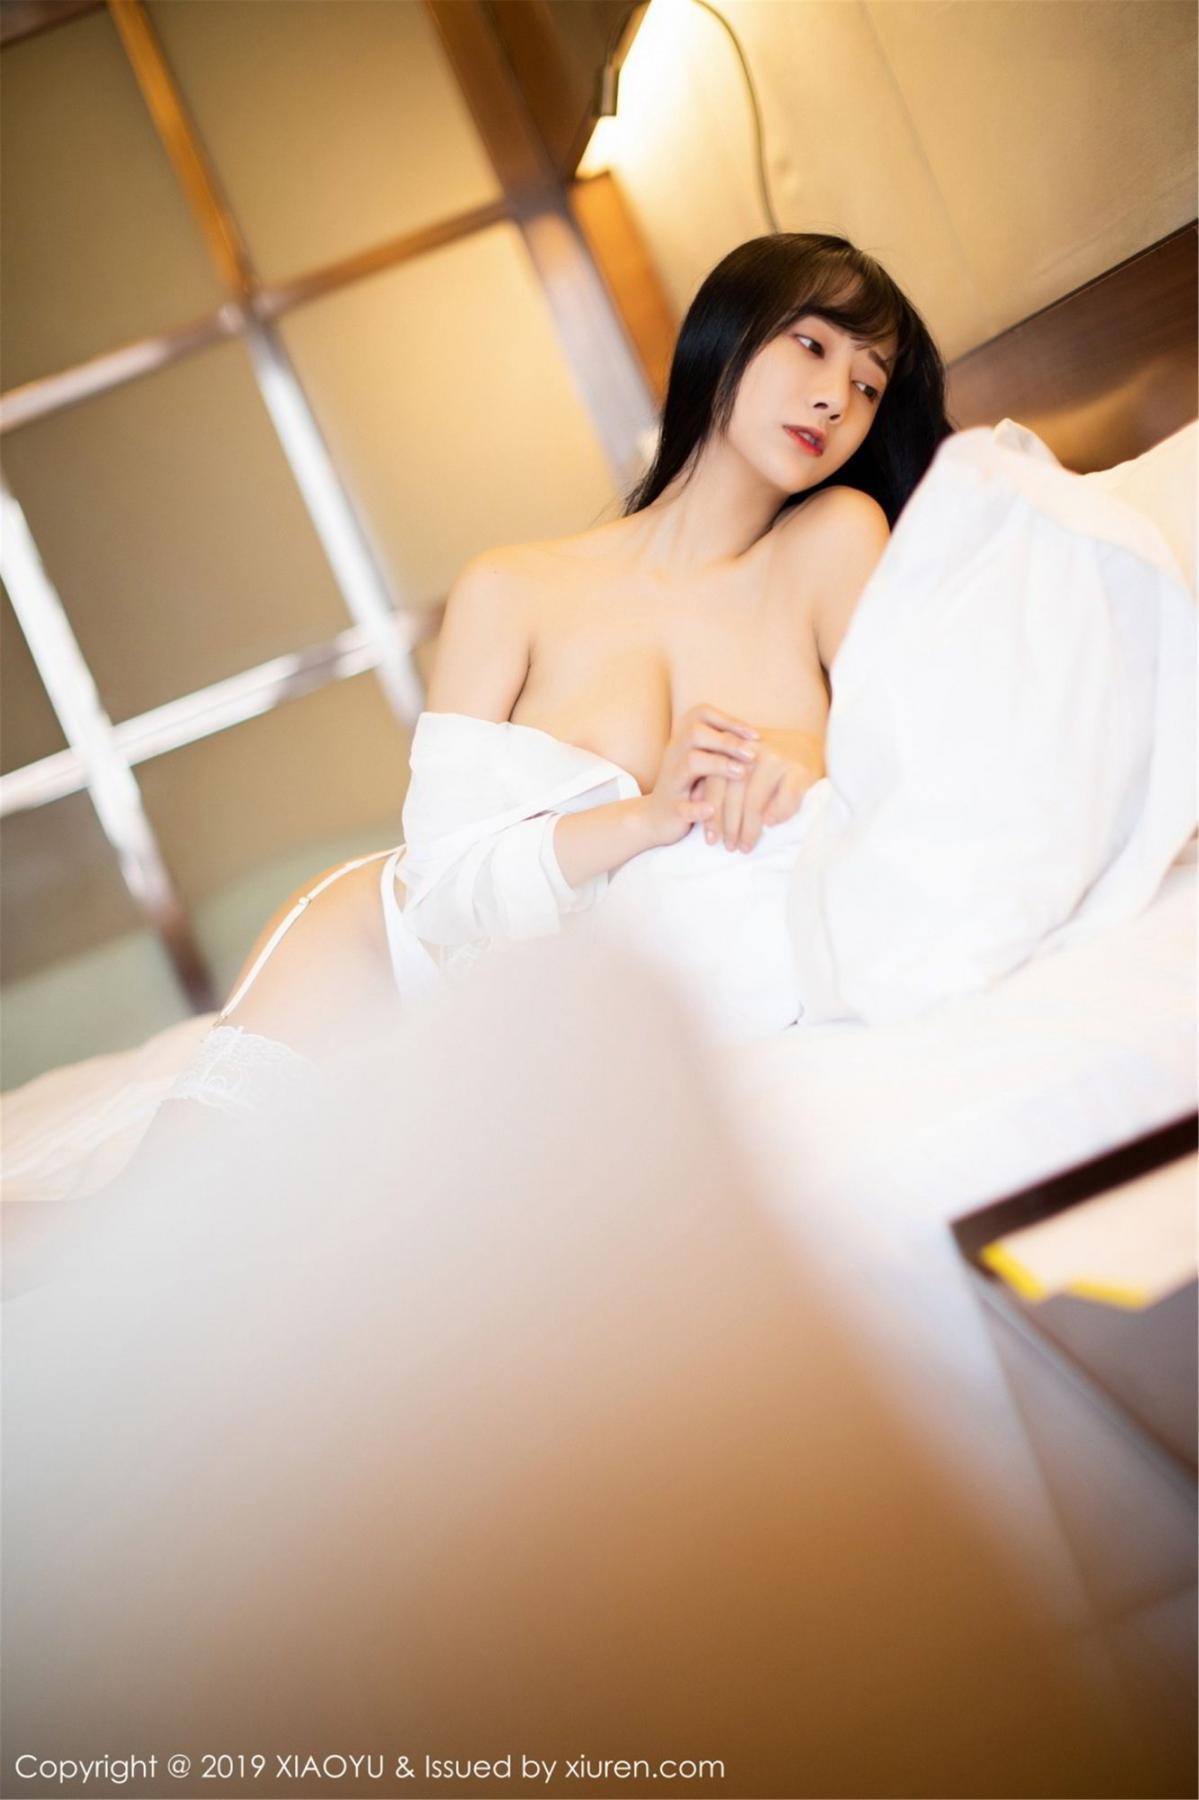 [XiaoYu] Vol.076 He Jia Ying 28P, He Jia Ying, Underwear, XiaoYu